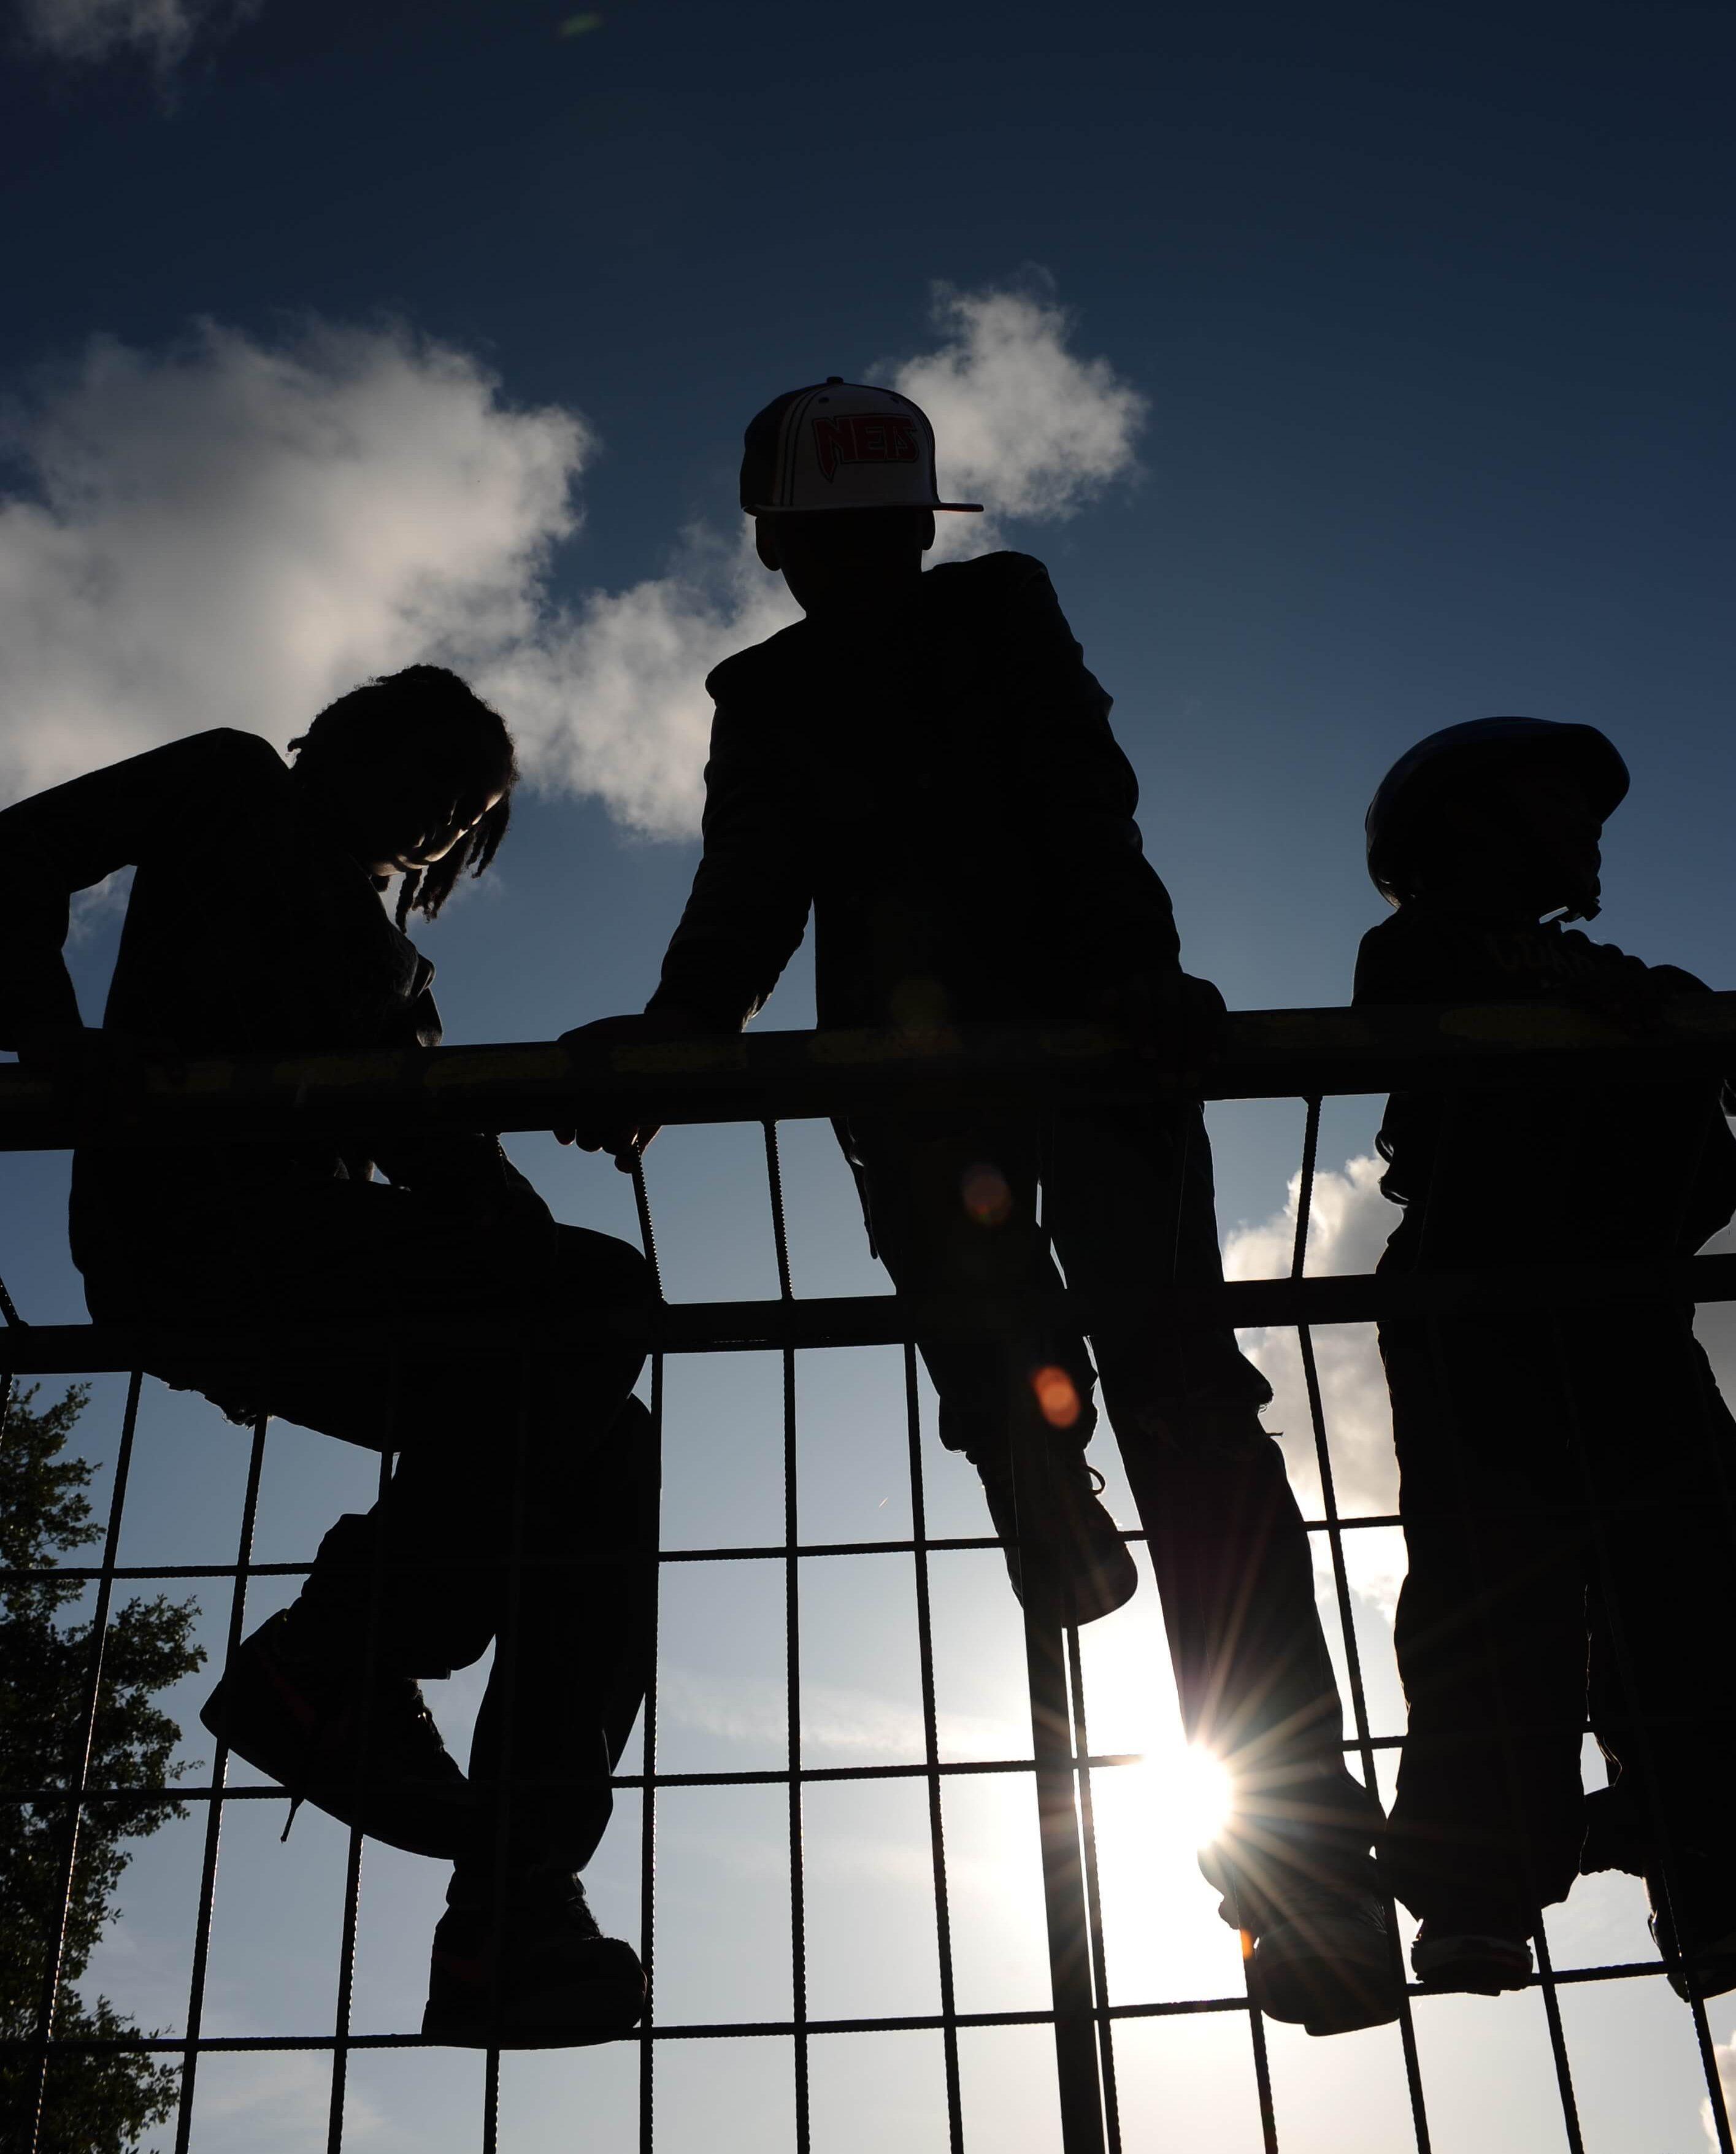 foto van Sport it in de wijk. De foto laat 3 jongeren zien al hangend in een hek.